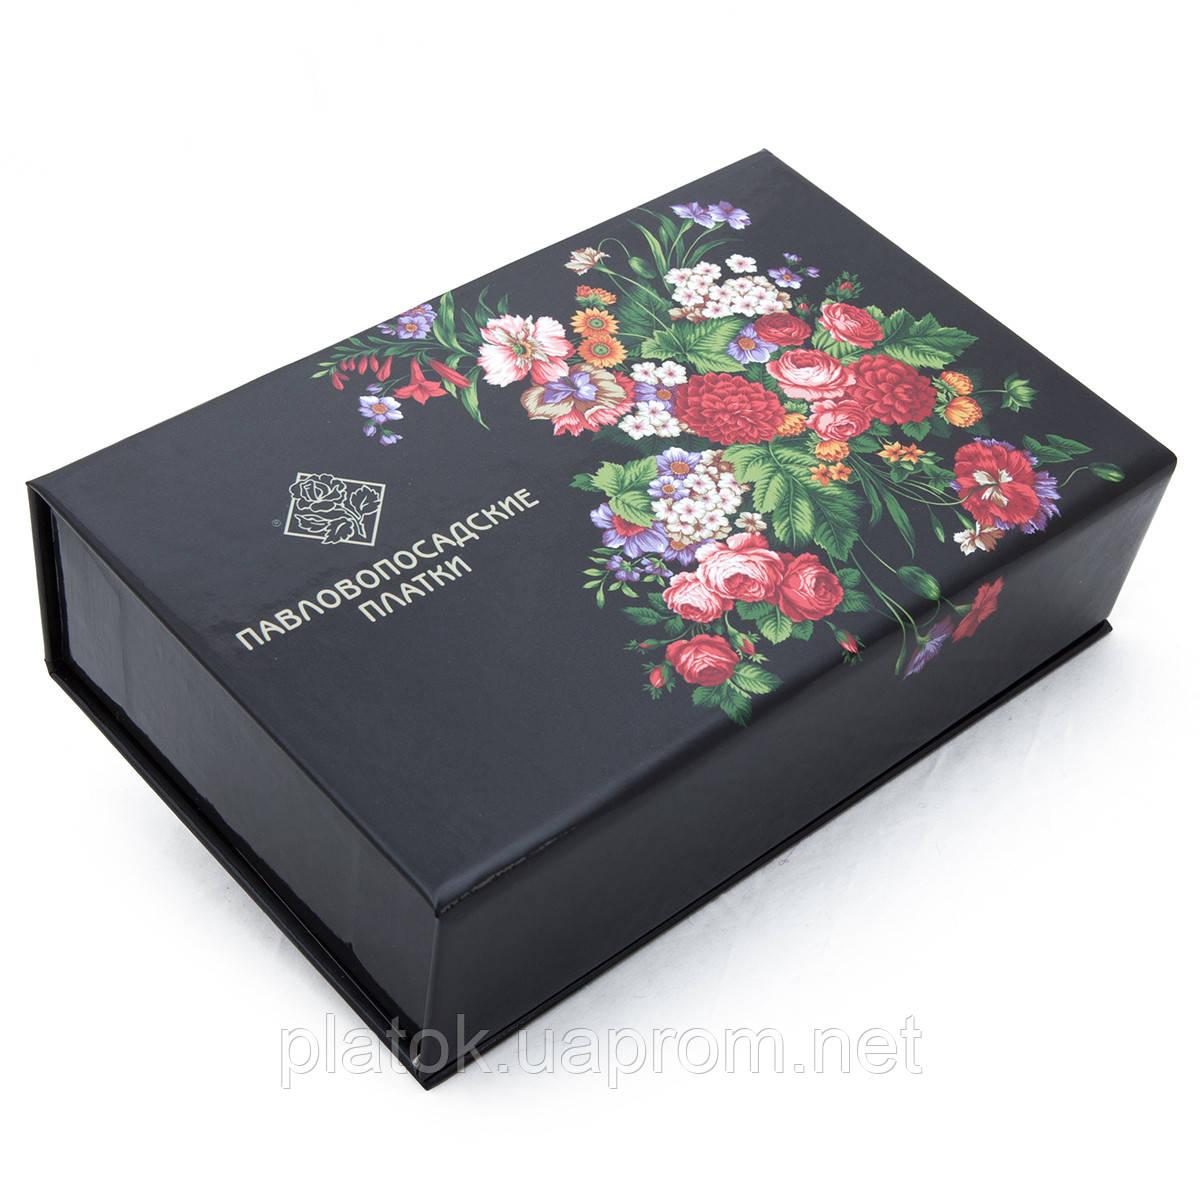 Подарункова коробка мала 160x100x40 мм